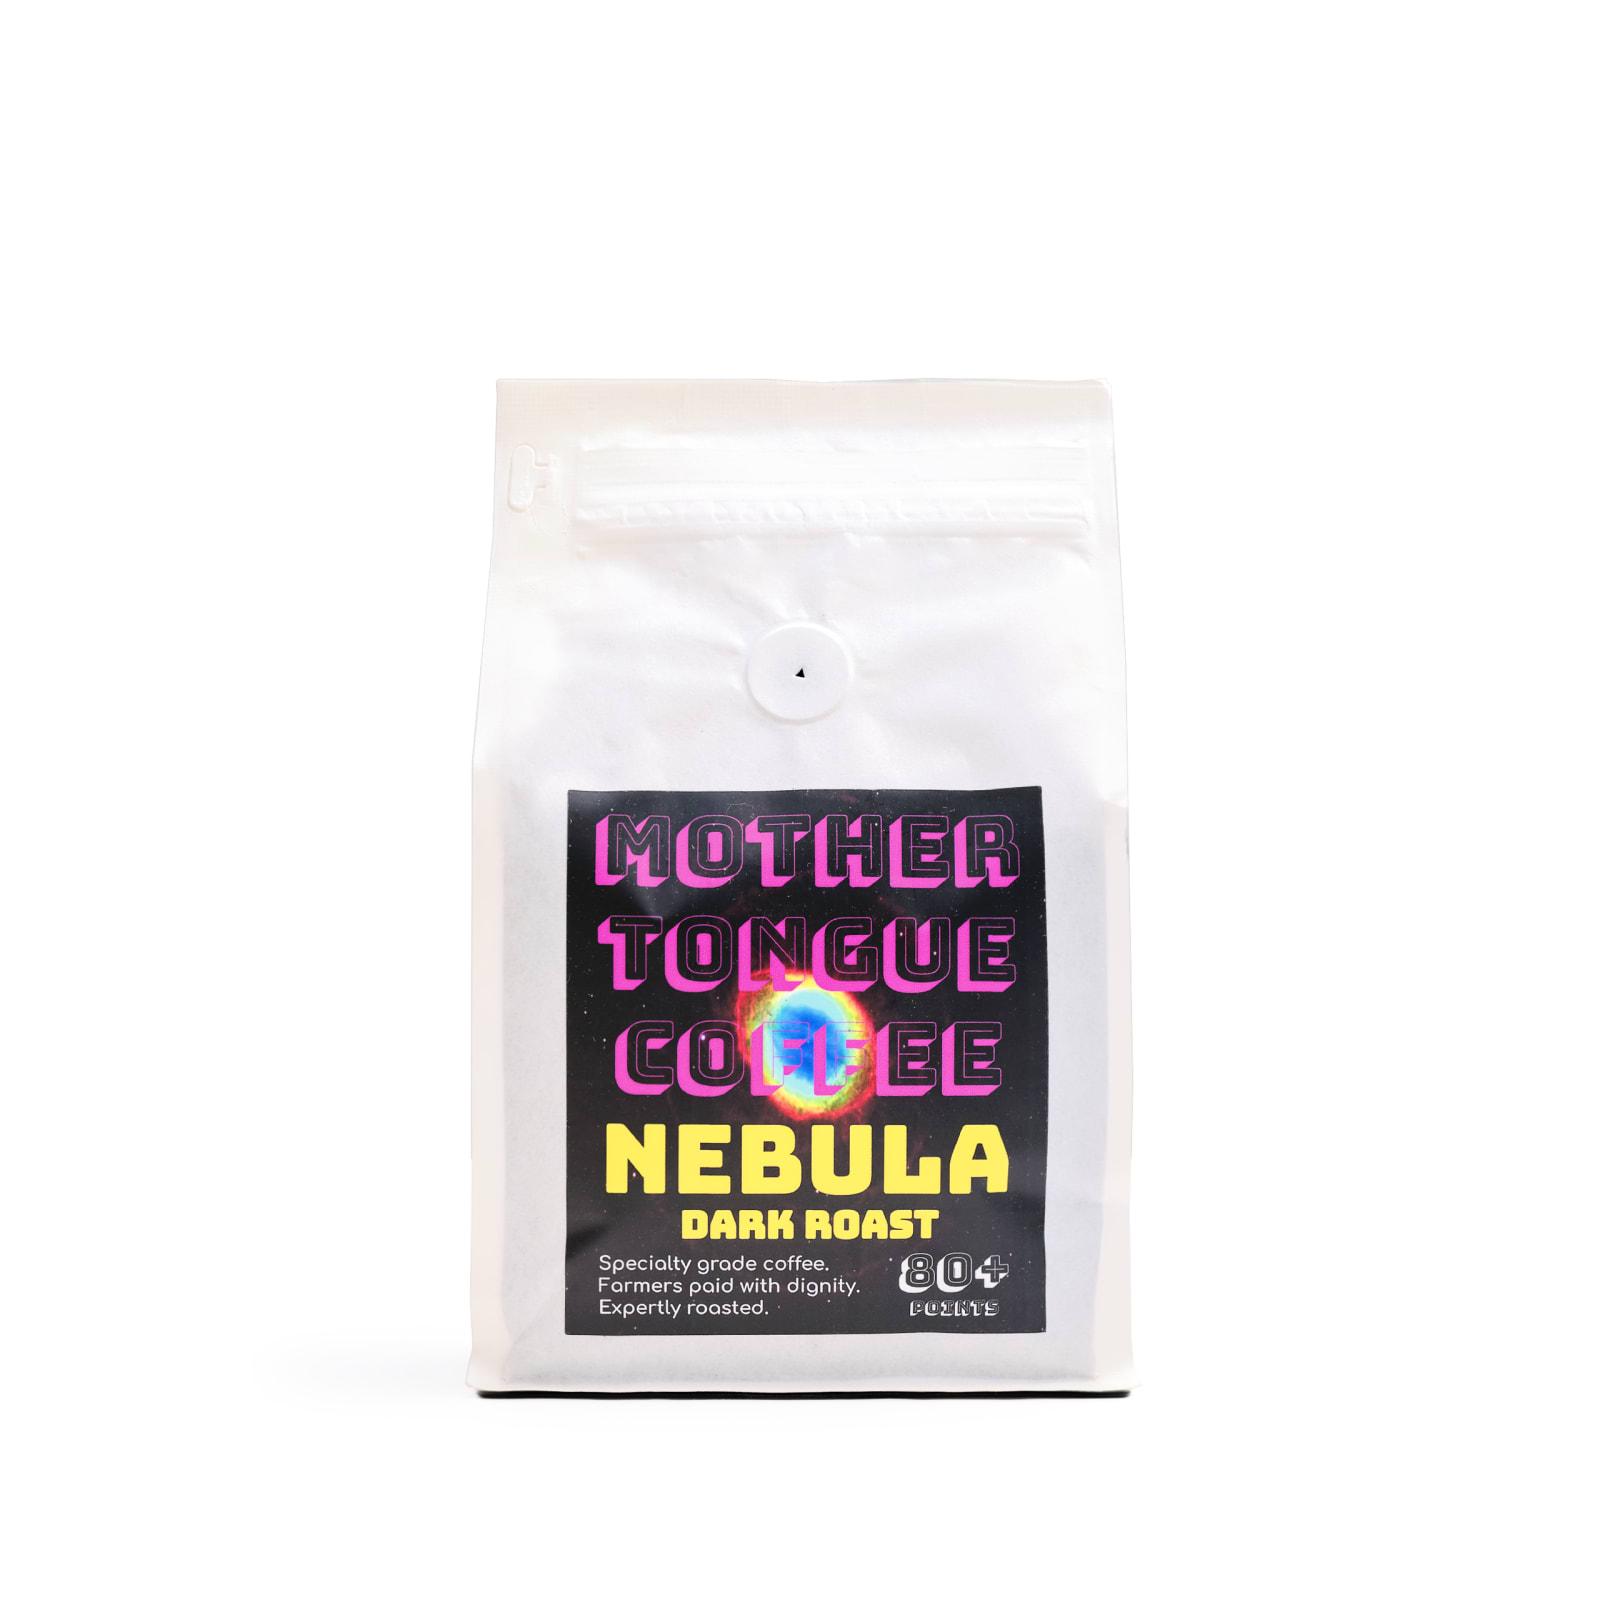 Nebula - a Dark Roast